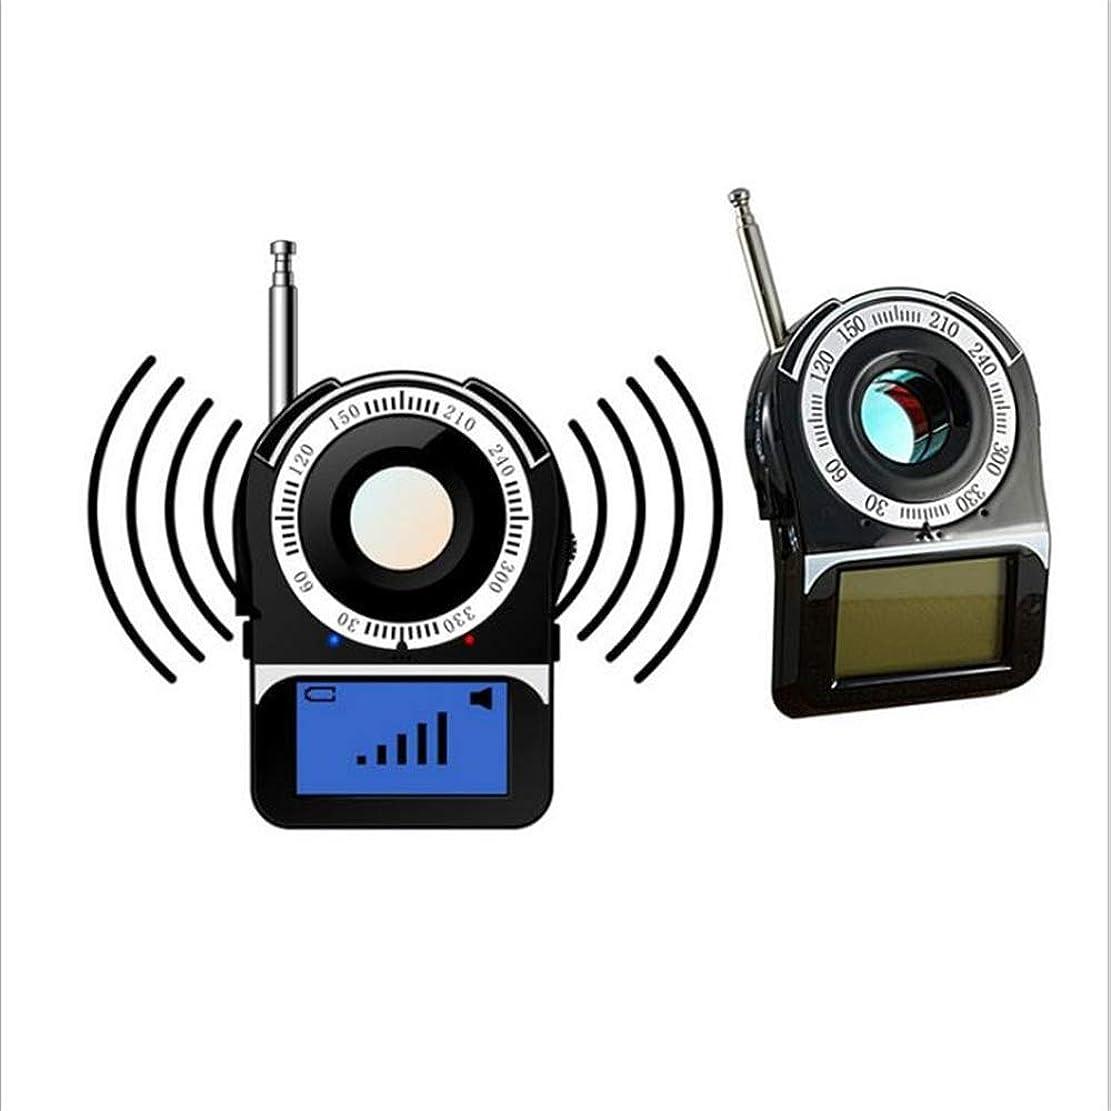 バンジージャンプ歩き回る精巧な無線信号検出器、アンチ盗聴検出器、アンチスパイ、アンチモニタリング、アンチトラッキング、検出周波数範囲1mhz 6.58GHZ